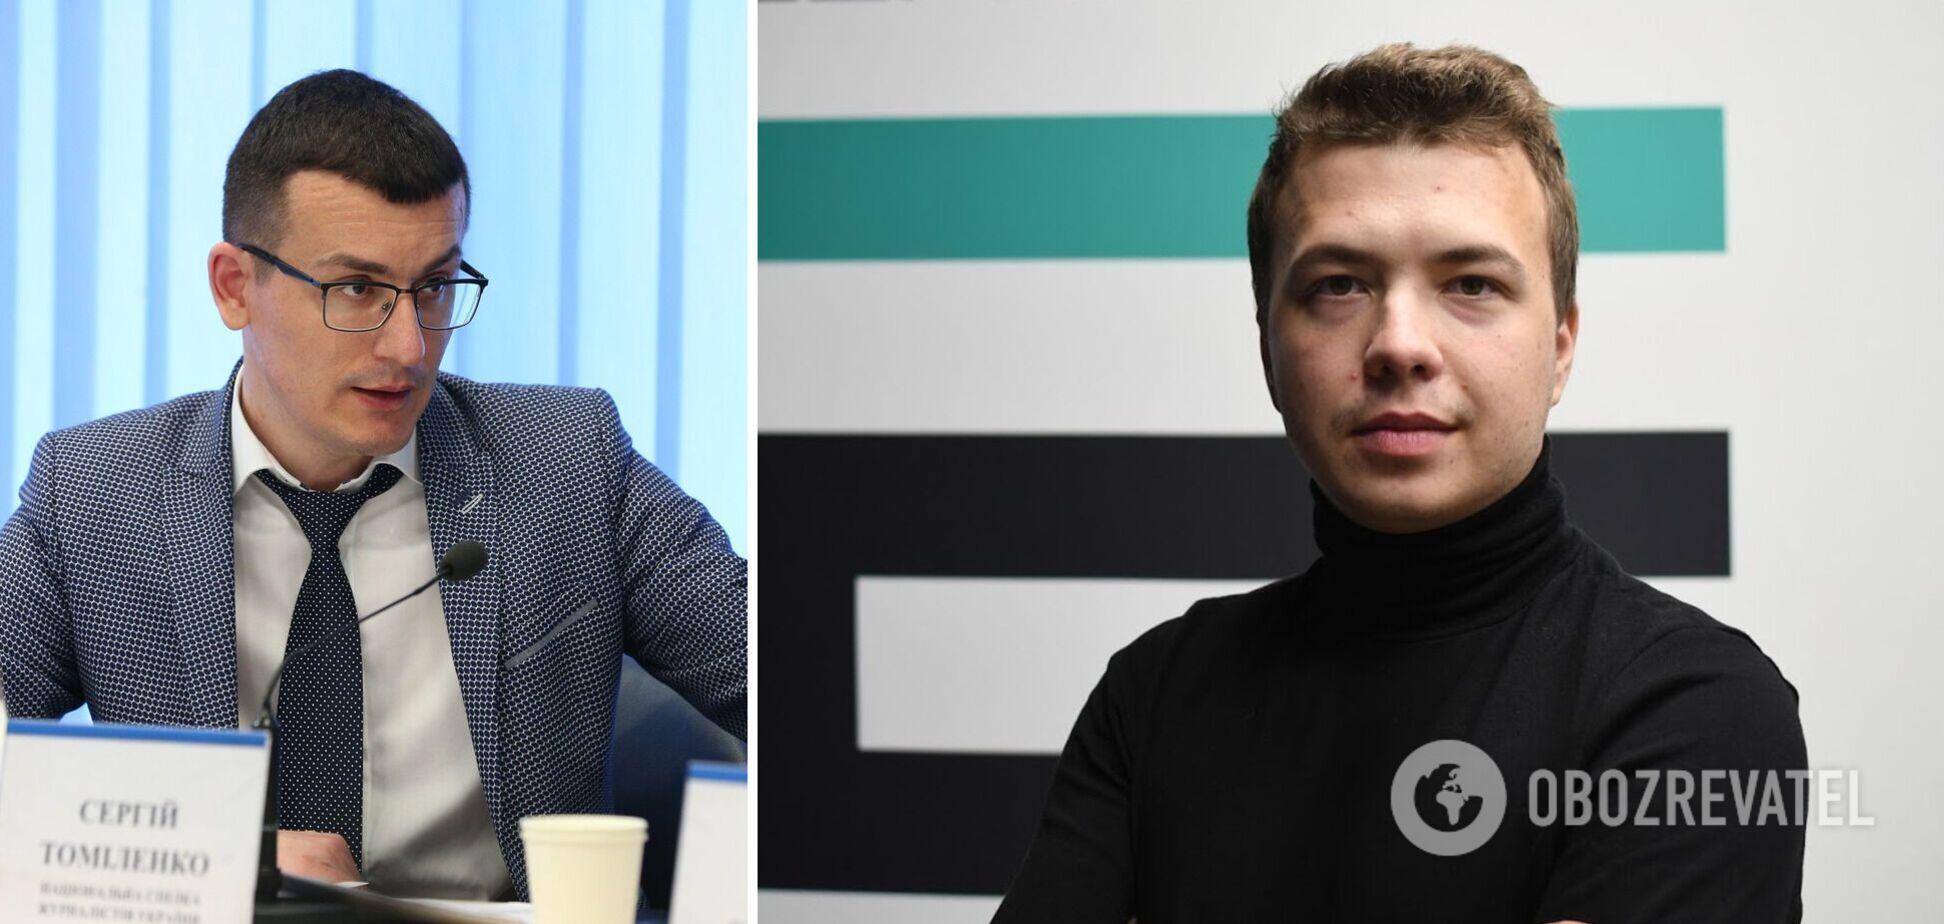 Голова НСЖУ Томіленко засудив затримання Протасевича у Білорусі